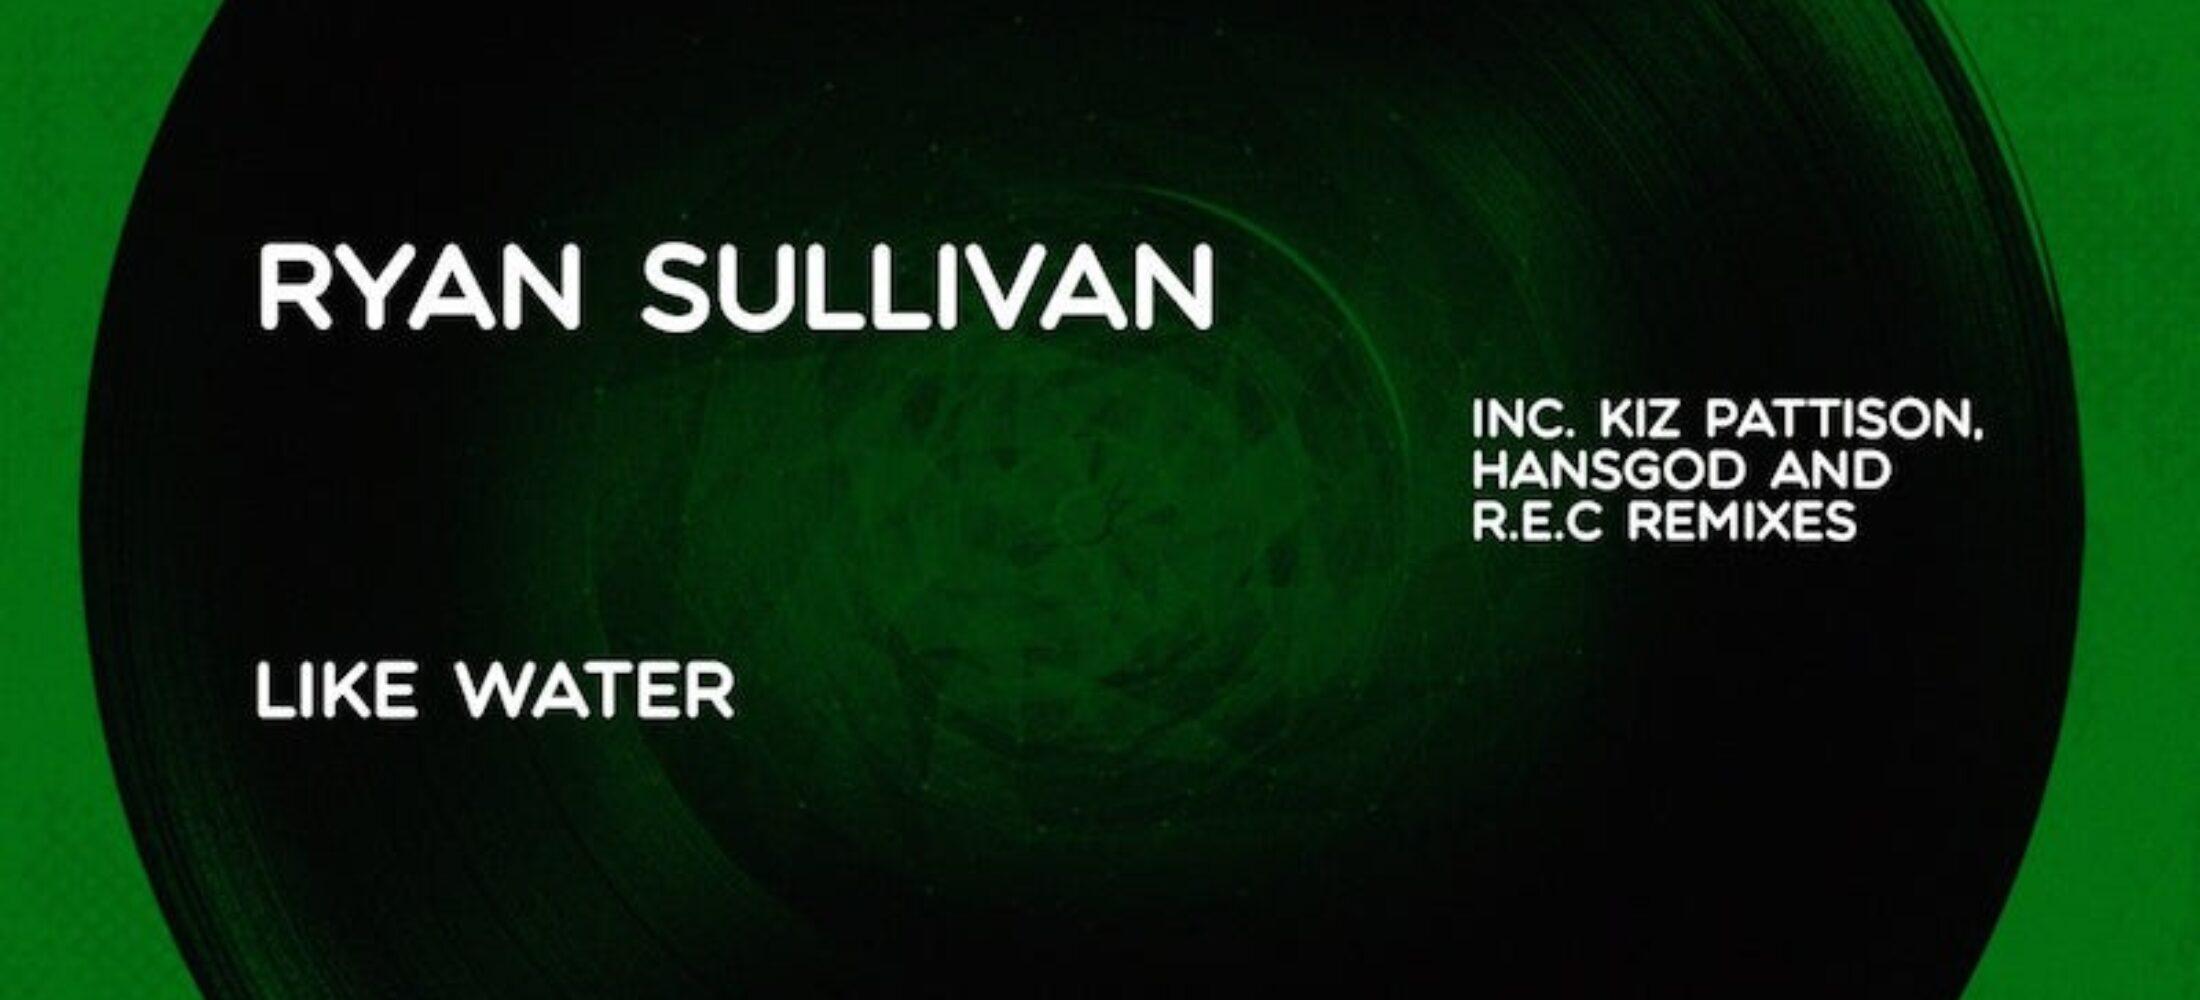 New Release - Like Water - Ryan Sullivan + Remixes